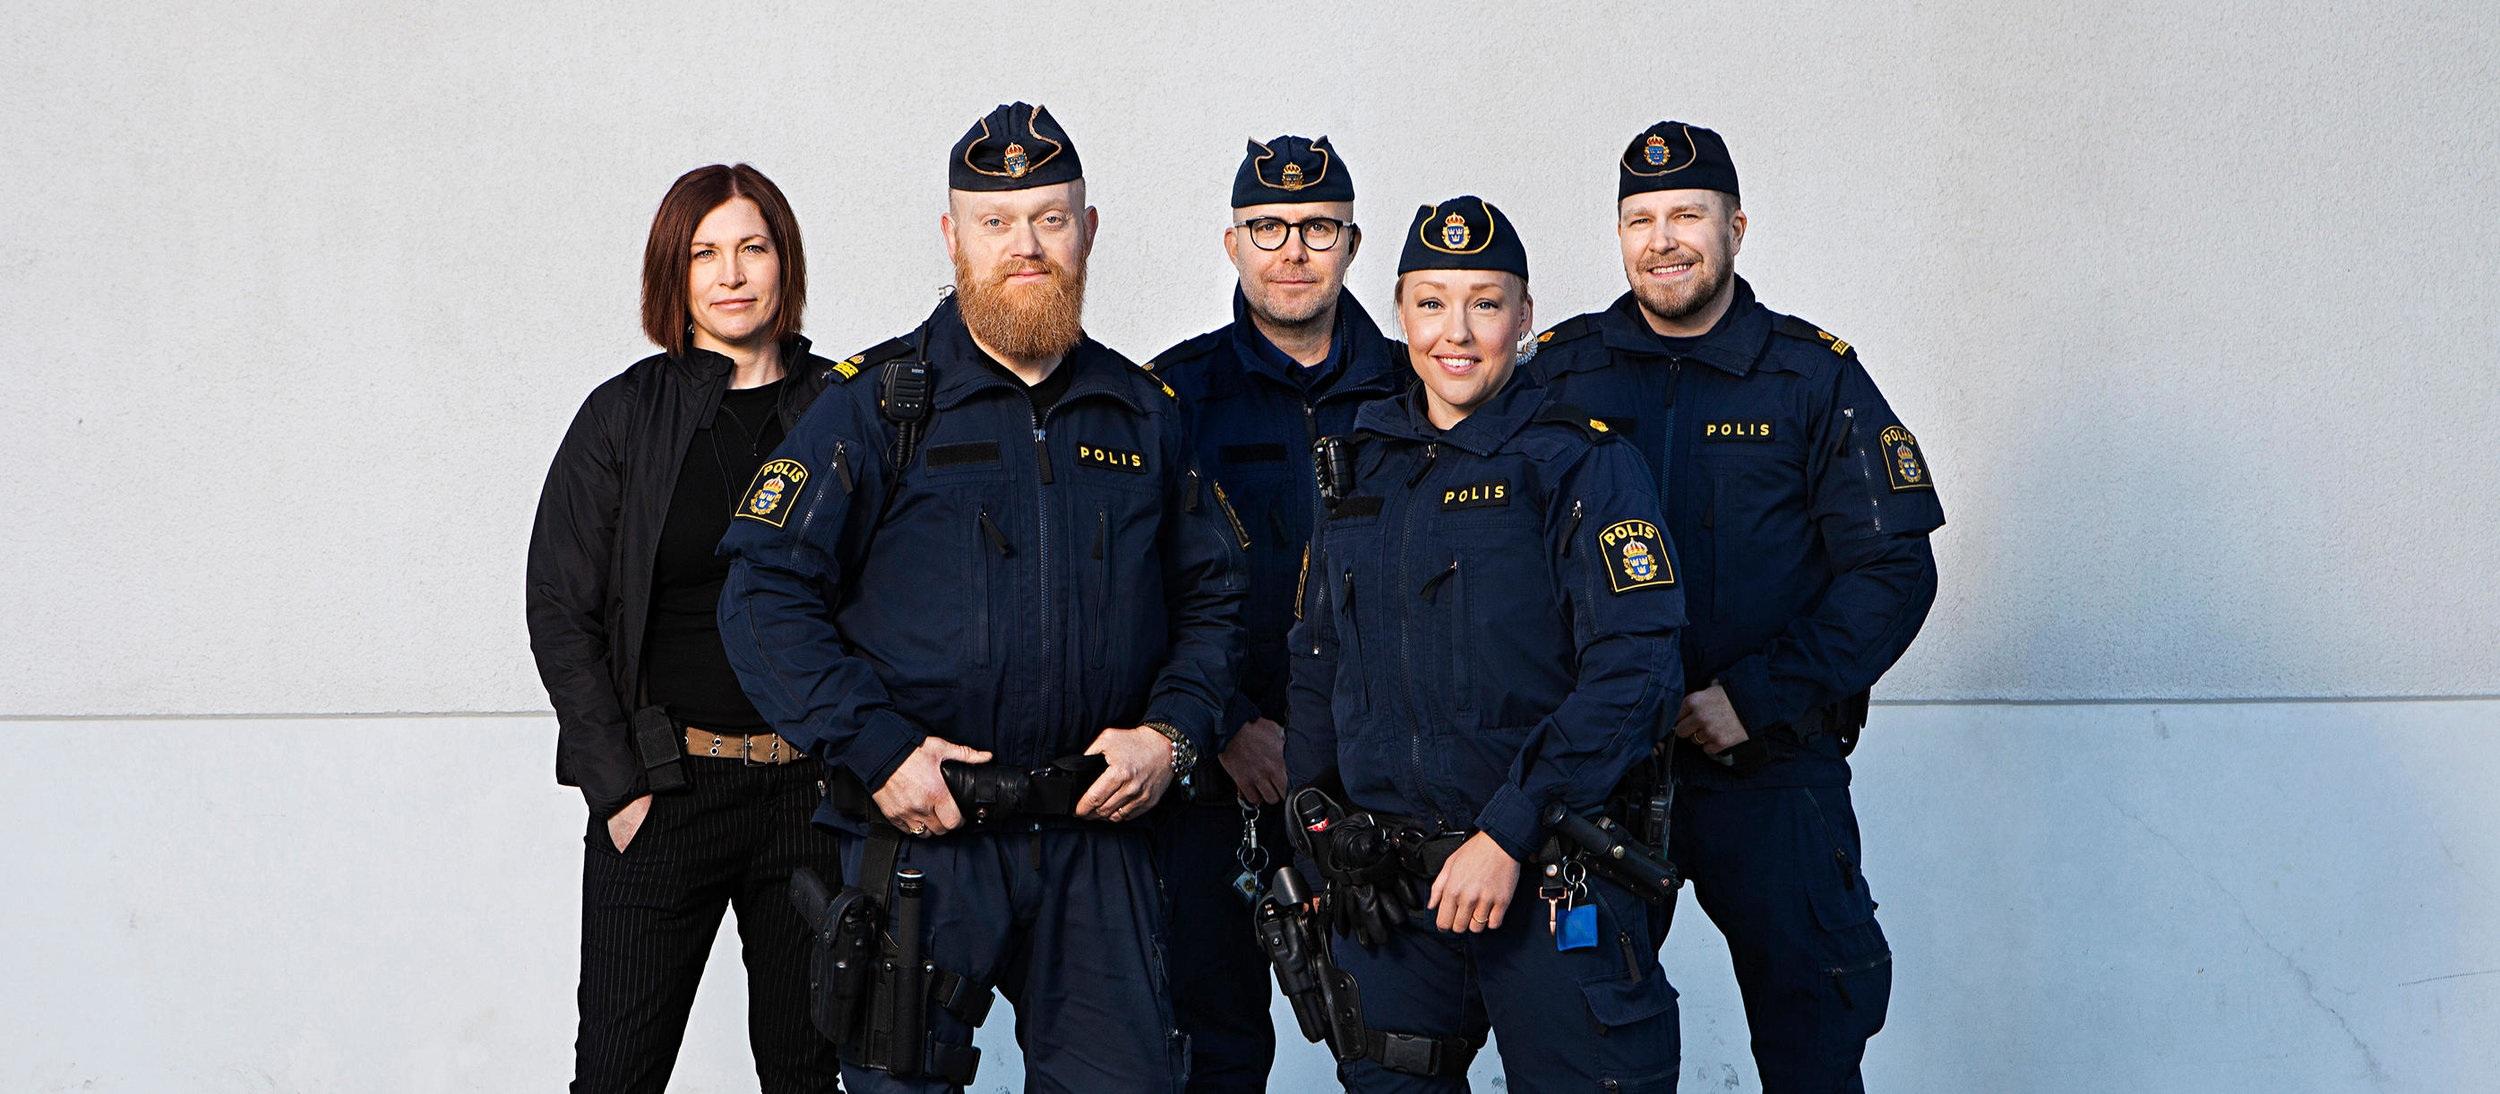 NORRLANDSPOLISEN / TV4 /SÄSONG 1 - MÅNDAGAR KL 21.00